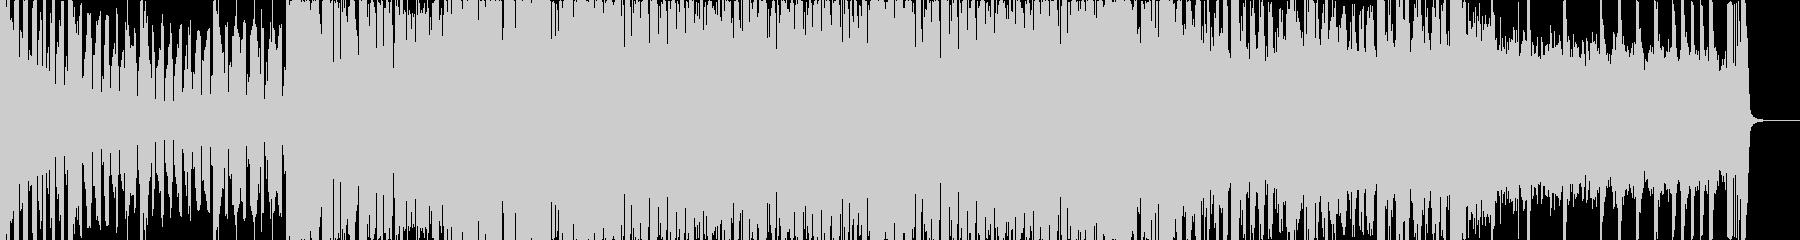 ピアノが爽やかなプログレッシヴハウスの未再生の波形